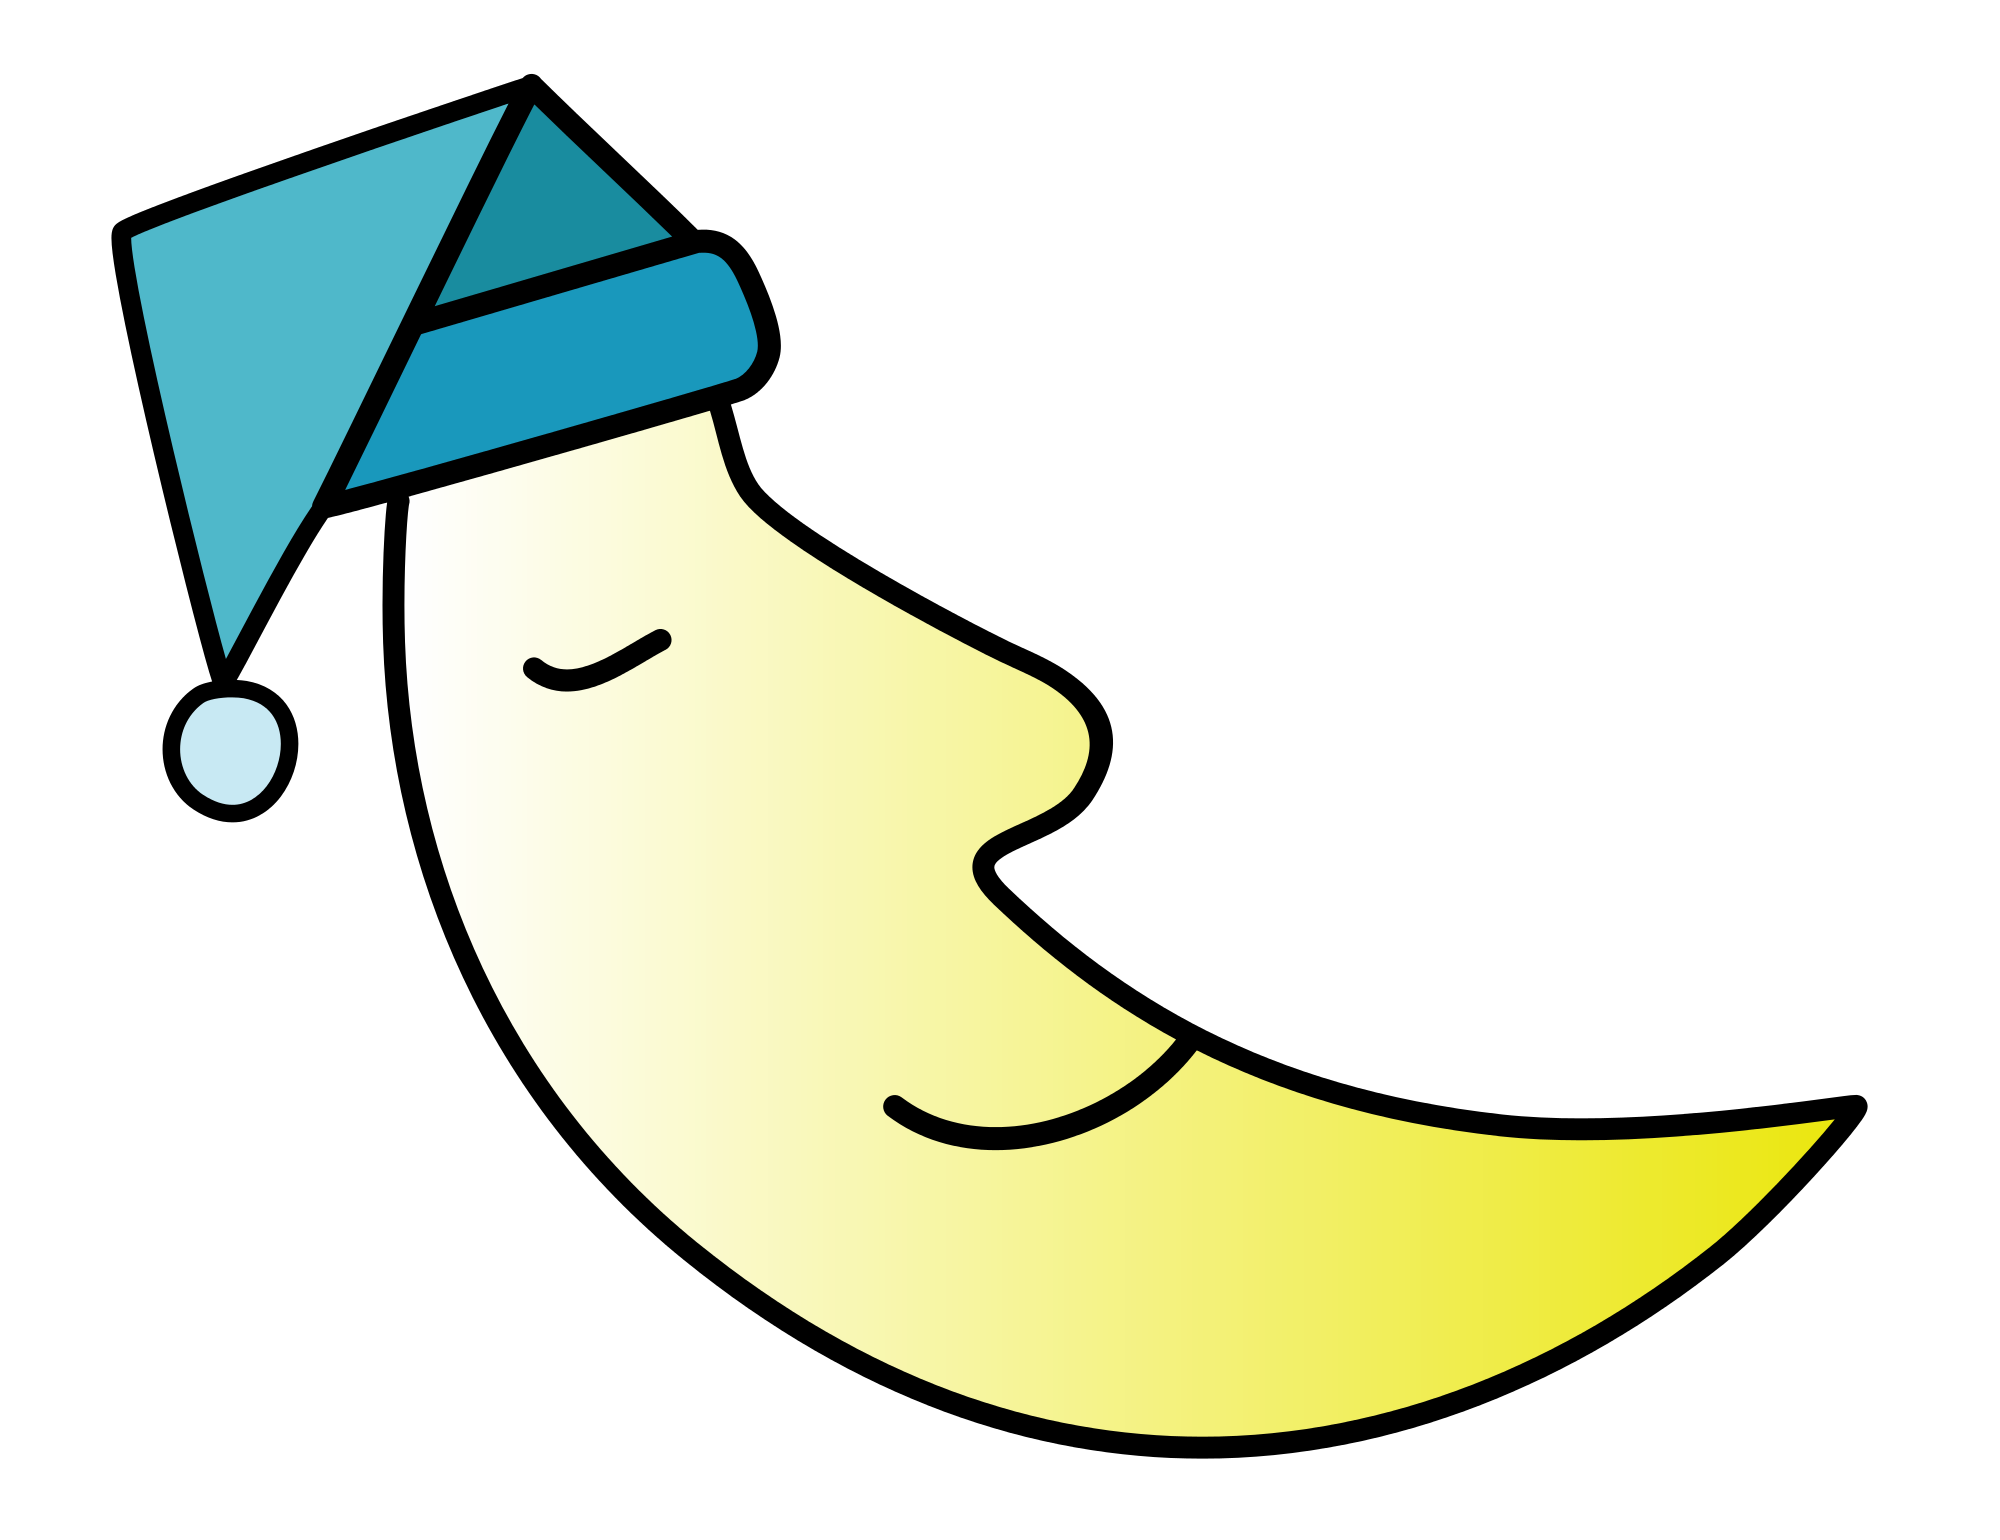 sleep clipart clipart panda free clipart images rh clipartpanda com sleep clipart images sleep clipart cute